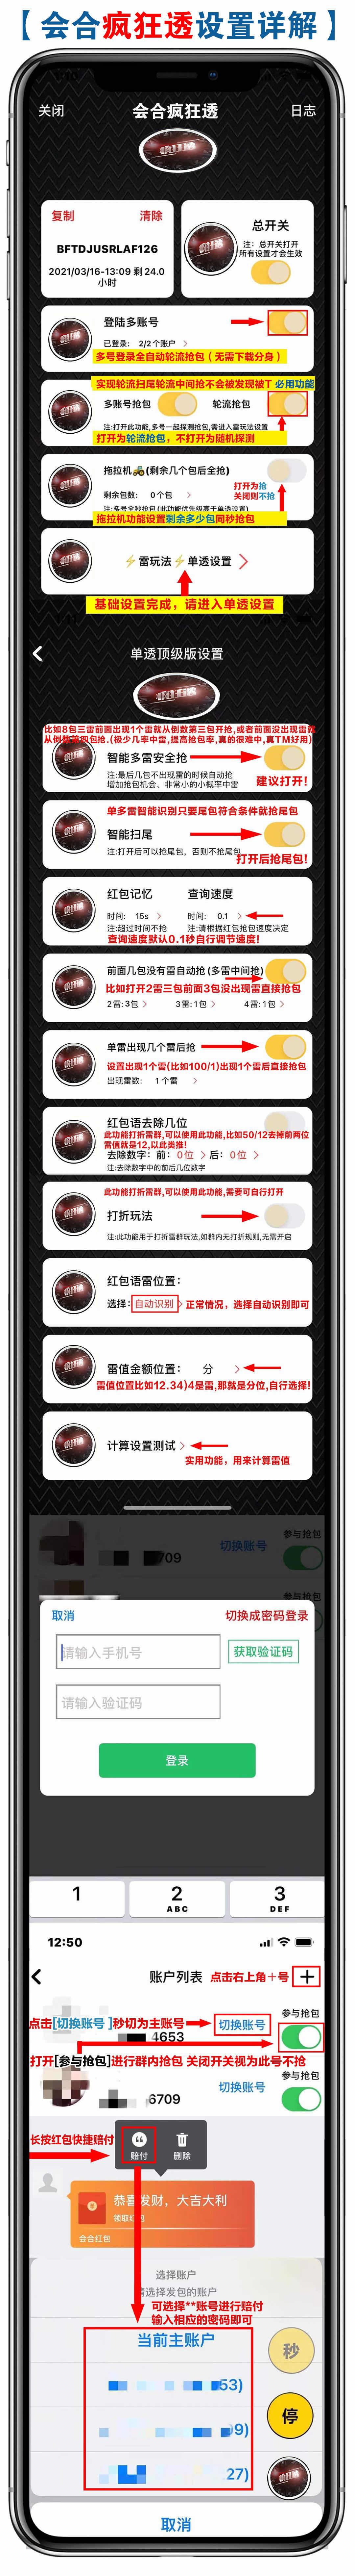 【会合疯狂透小时卡】苹果版